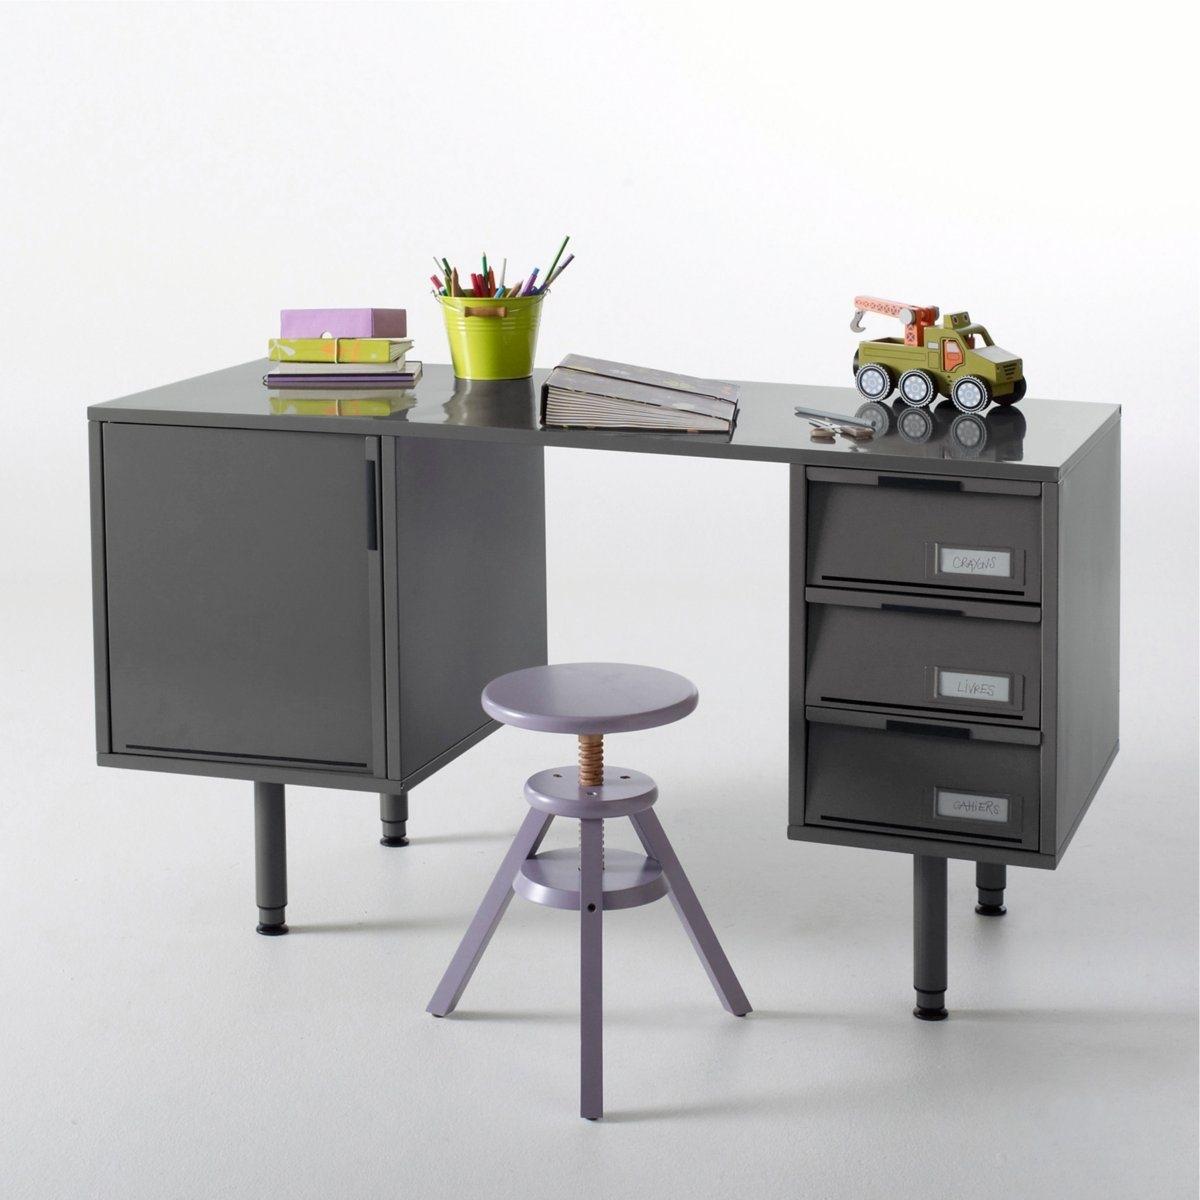 Стол письменный из металла с покрытием лаком, Hiba